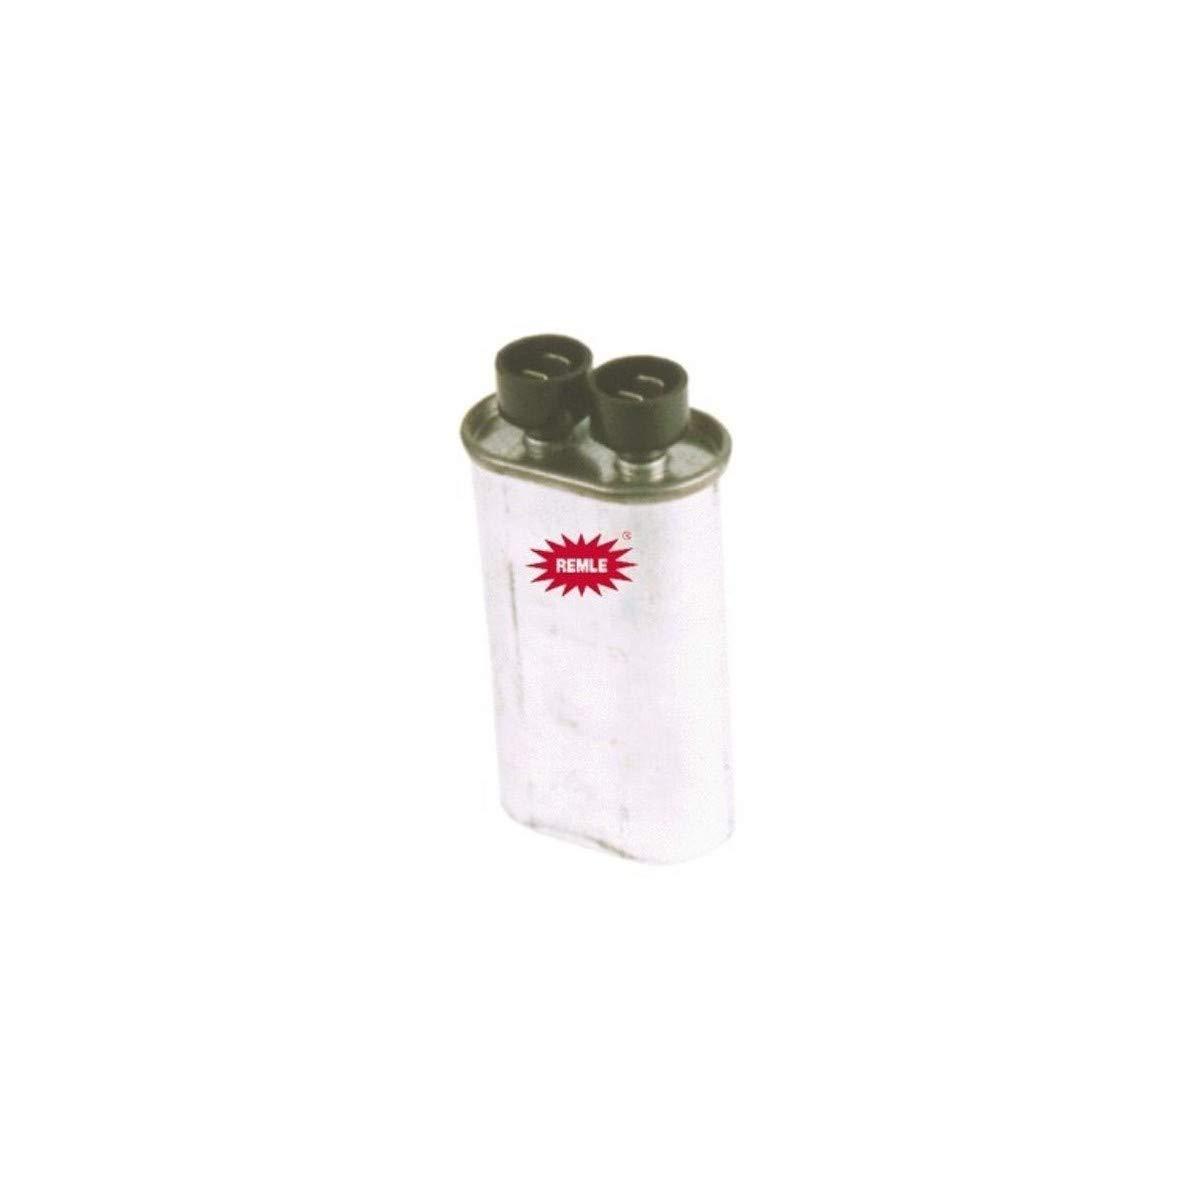 Recamania Condensador Trabajo microondas Standard 0, 95MF 2100V ...